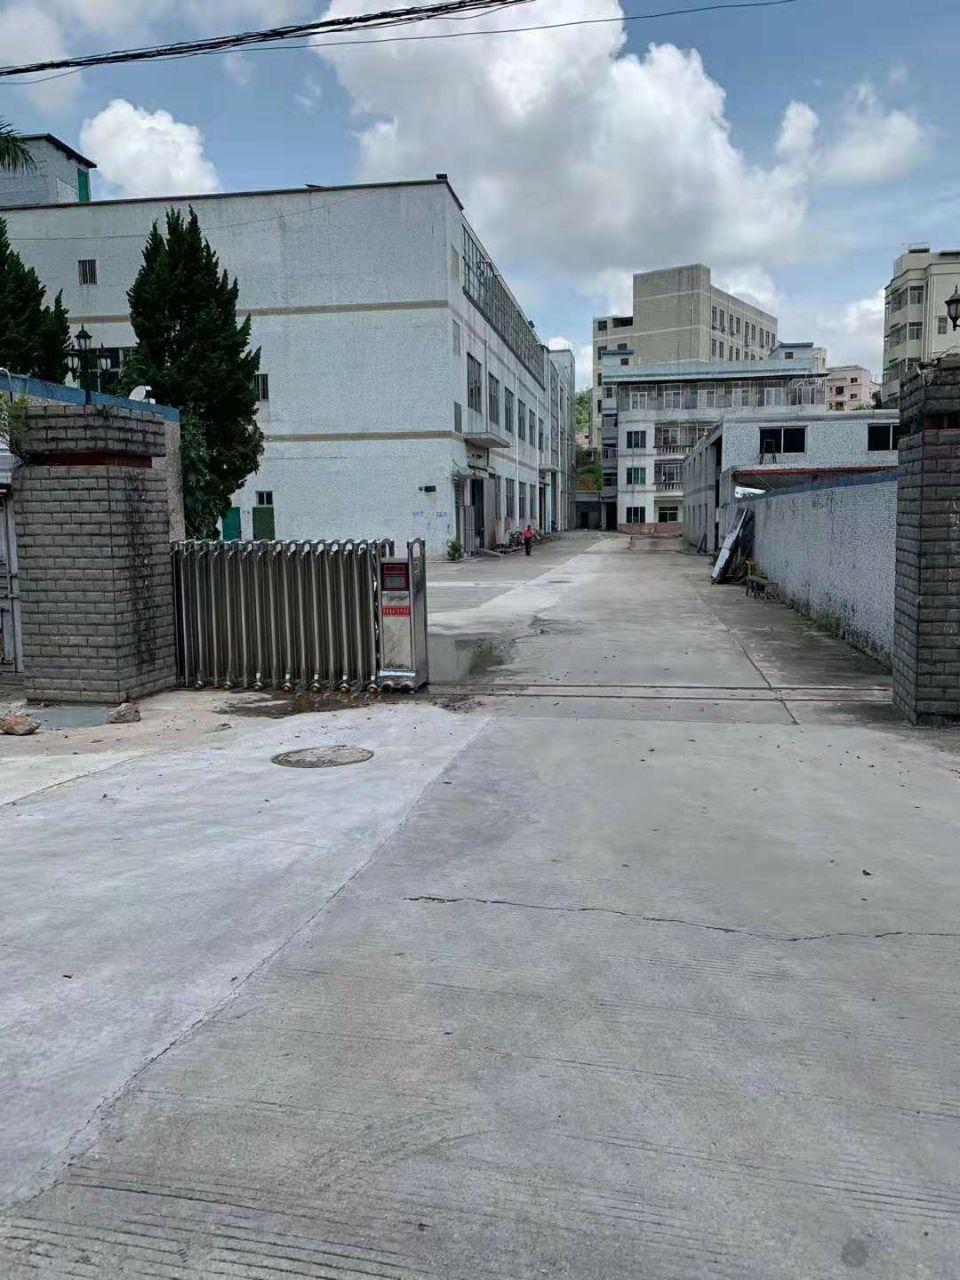 厚街镇寮夏村广场附近新出独院厂房出租总面积9500整租20